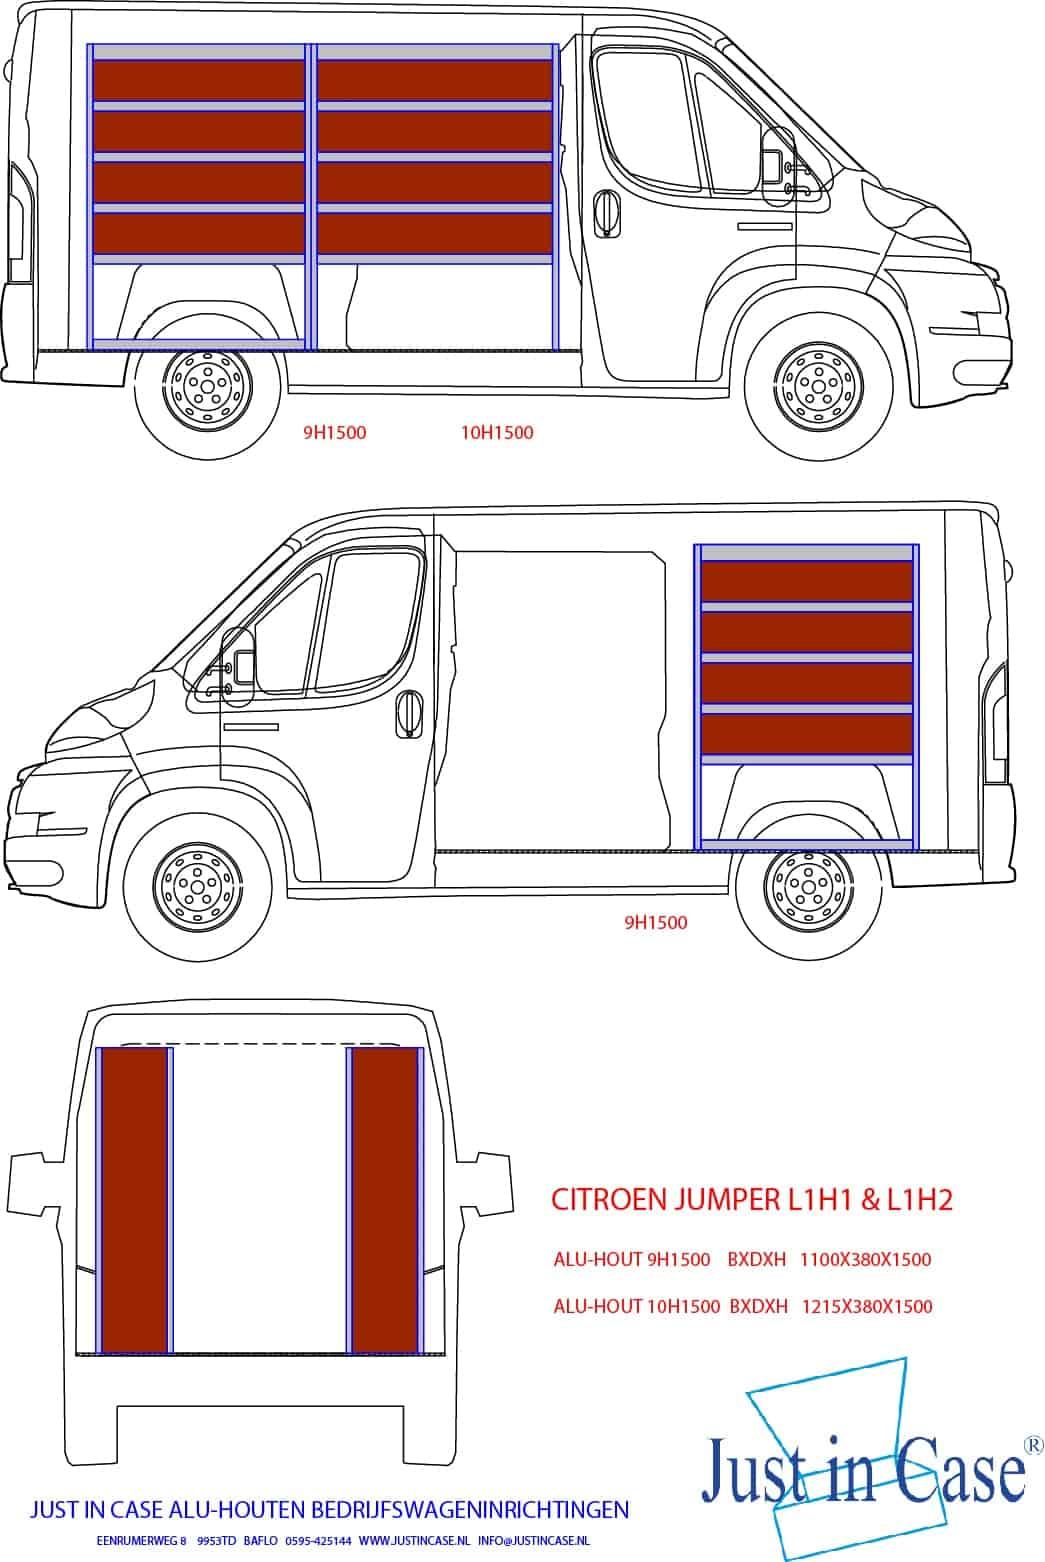 Citroën Jumper bedrijfswageninrichting